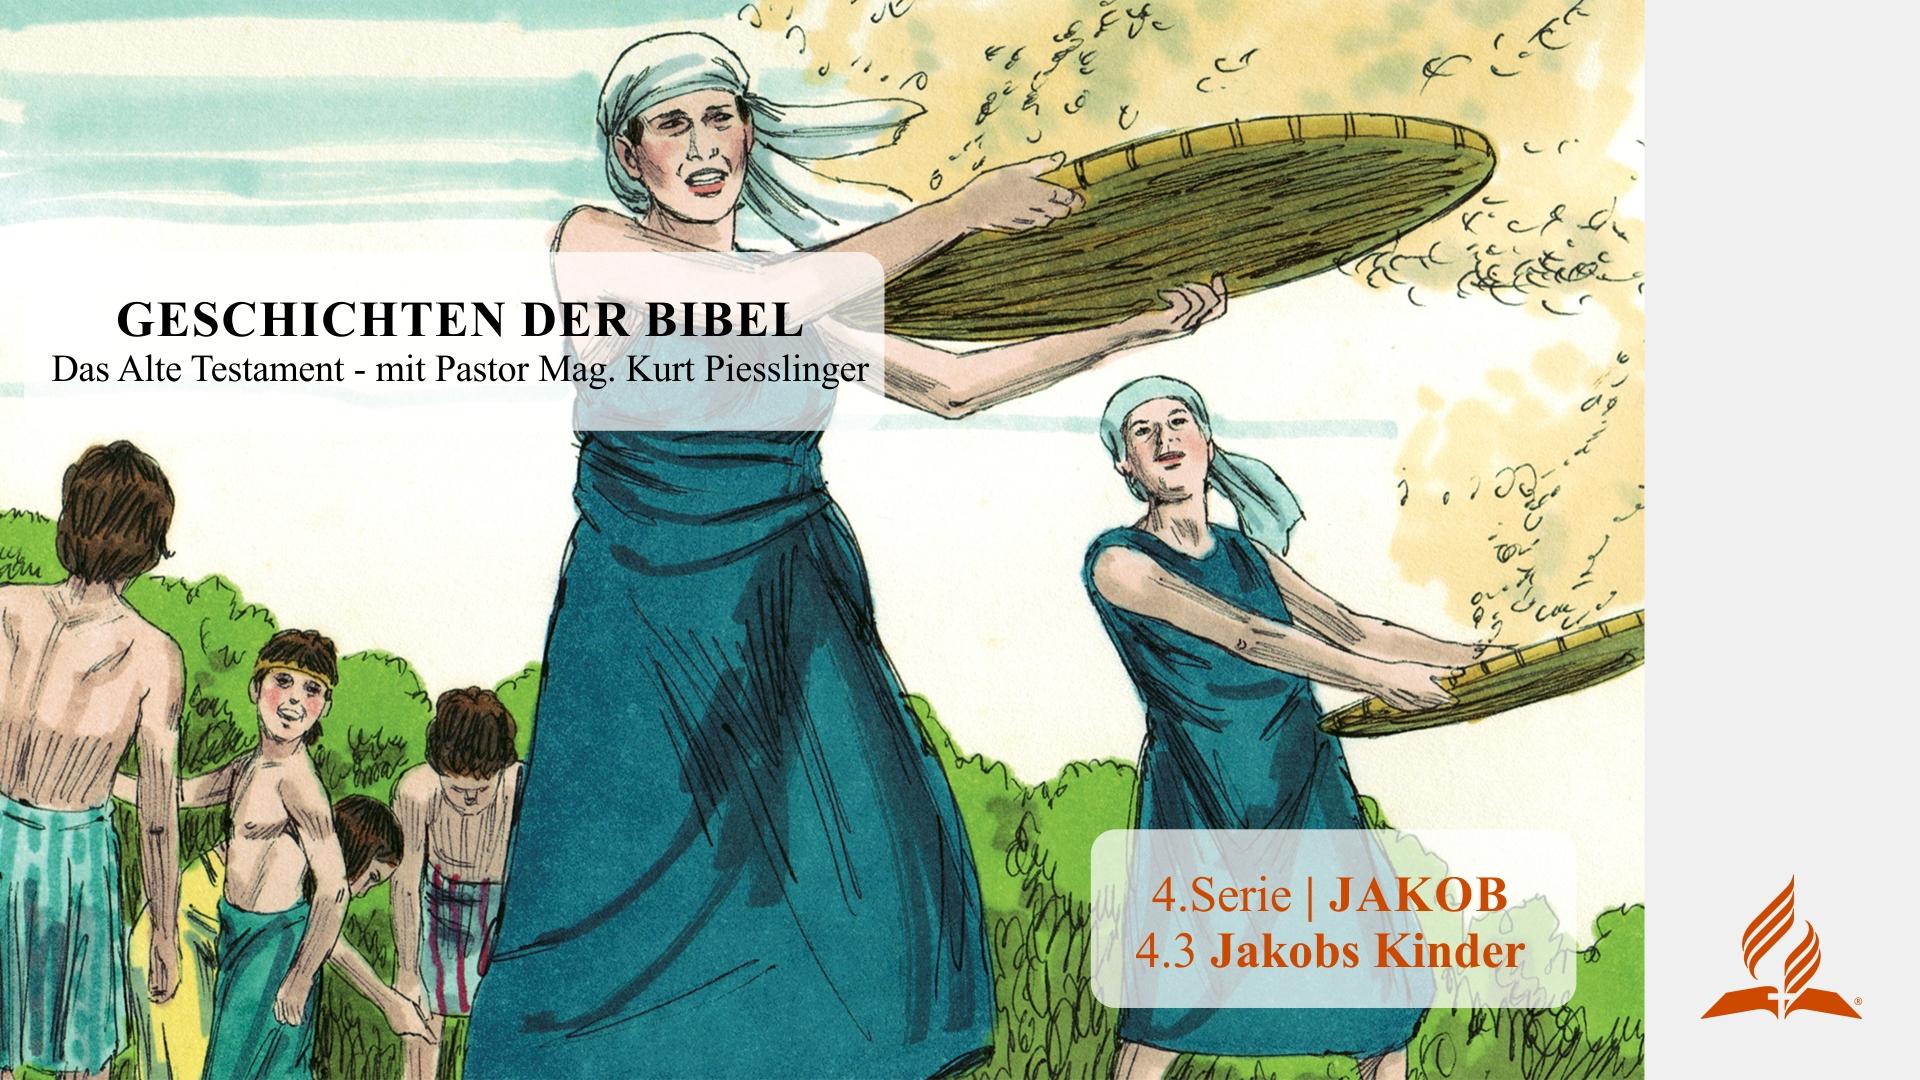 4.3 Jakobs Kinder x